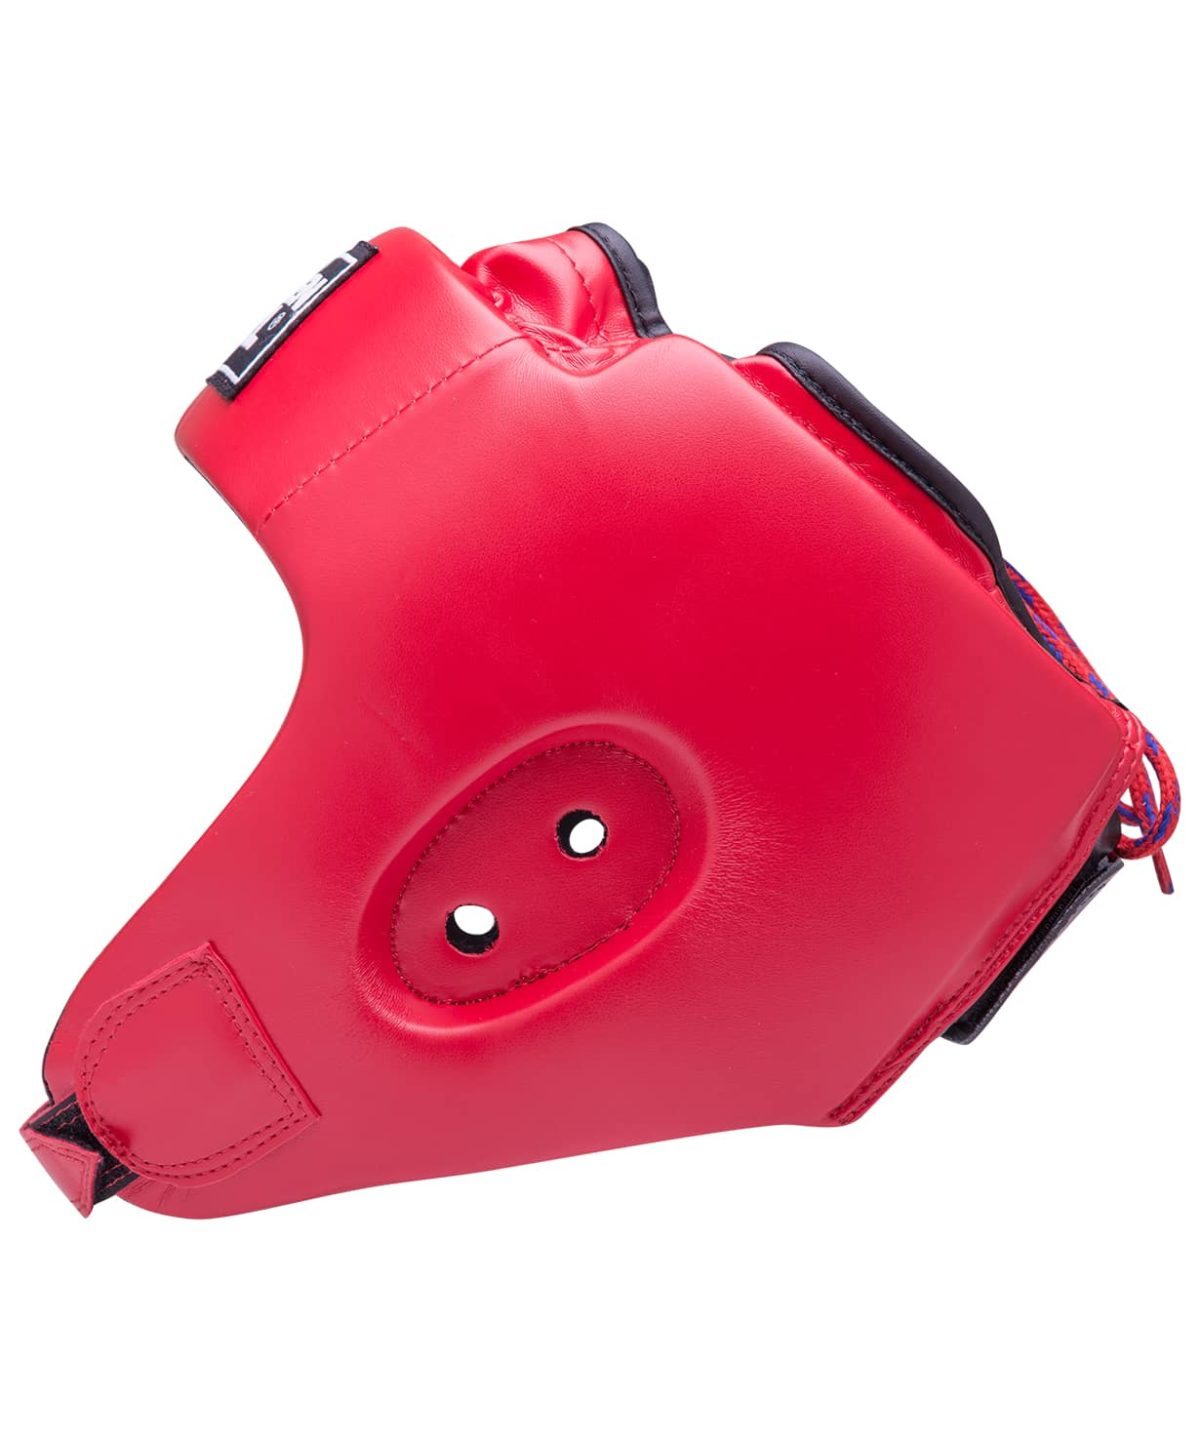 GREEN HILL Шлем открытый Alfa  HGA-4014: красный - 2